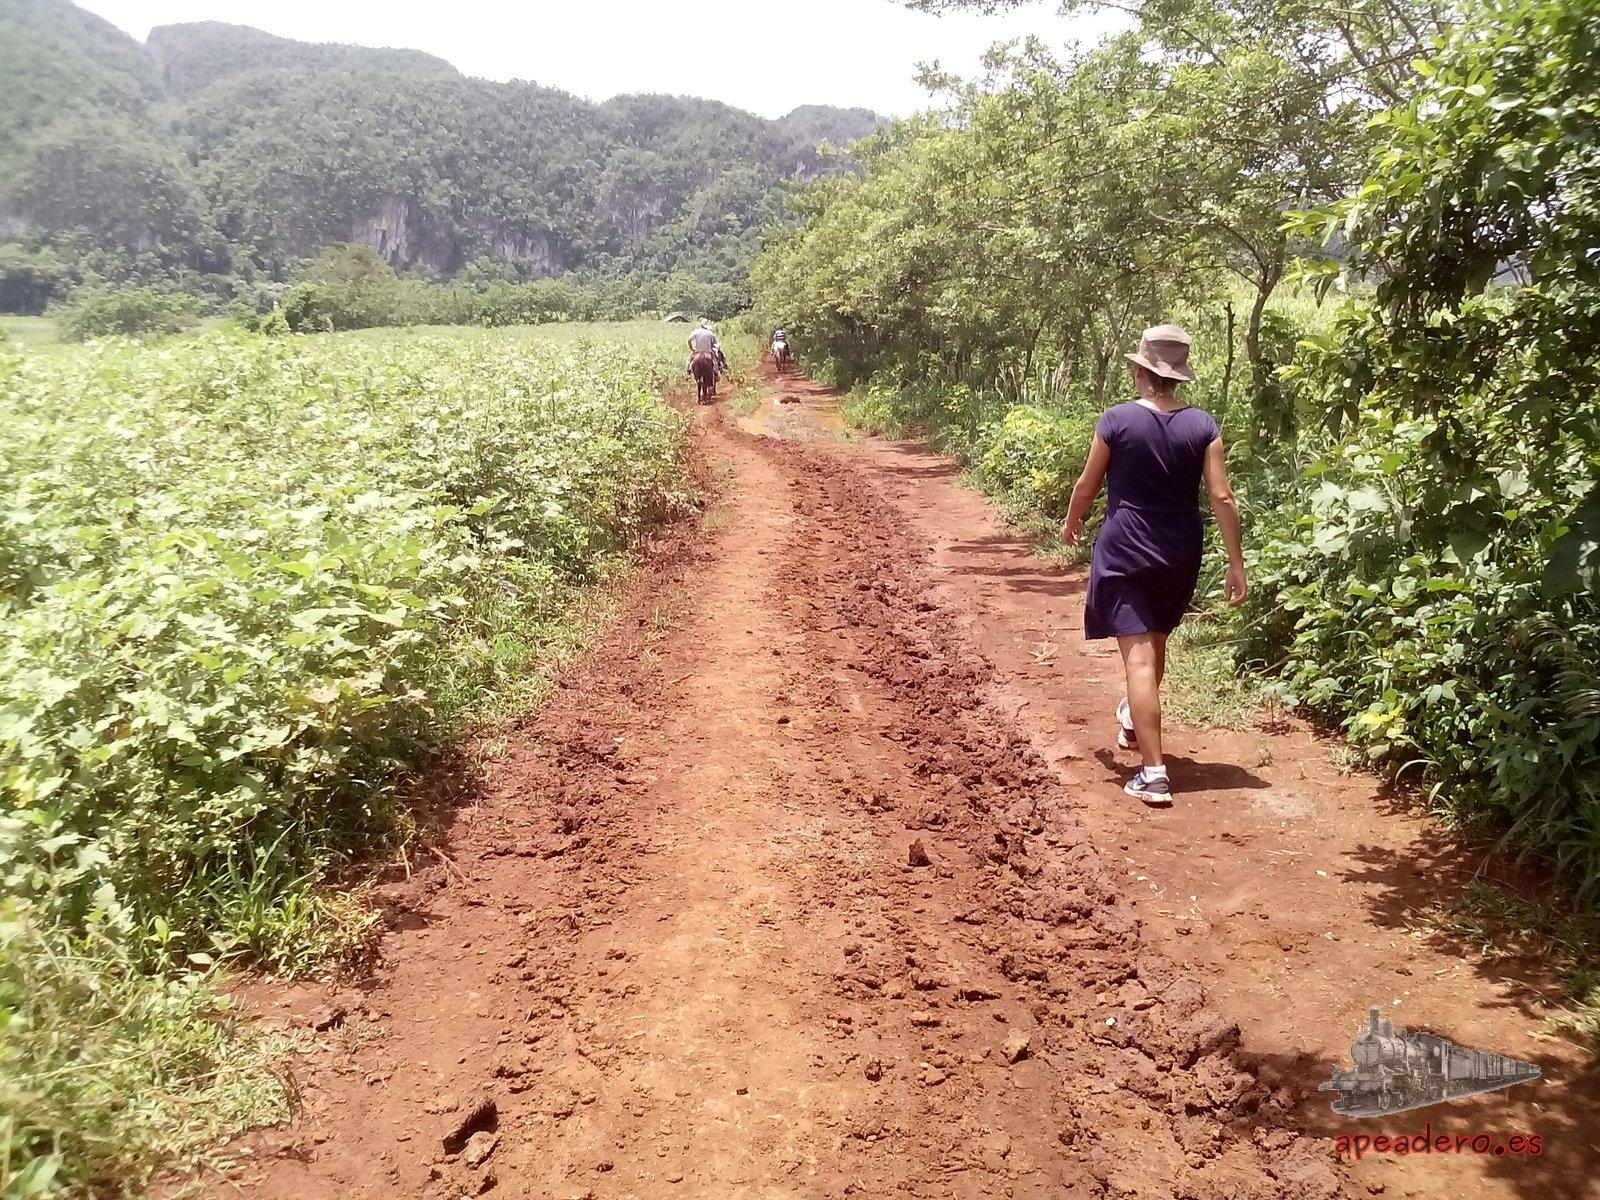 Caminar por el valle de Viñales es, en general, fácil y no presenta más complicaciones que esquivar el barro que se haya podido acumular en el camino. No hay grandes pendientes a no ser que se te ocurra subirte a un mogote...